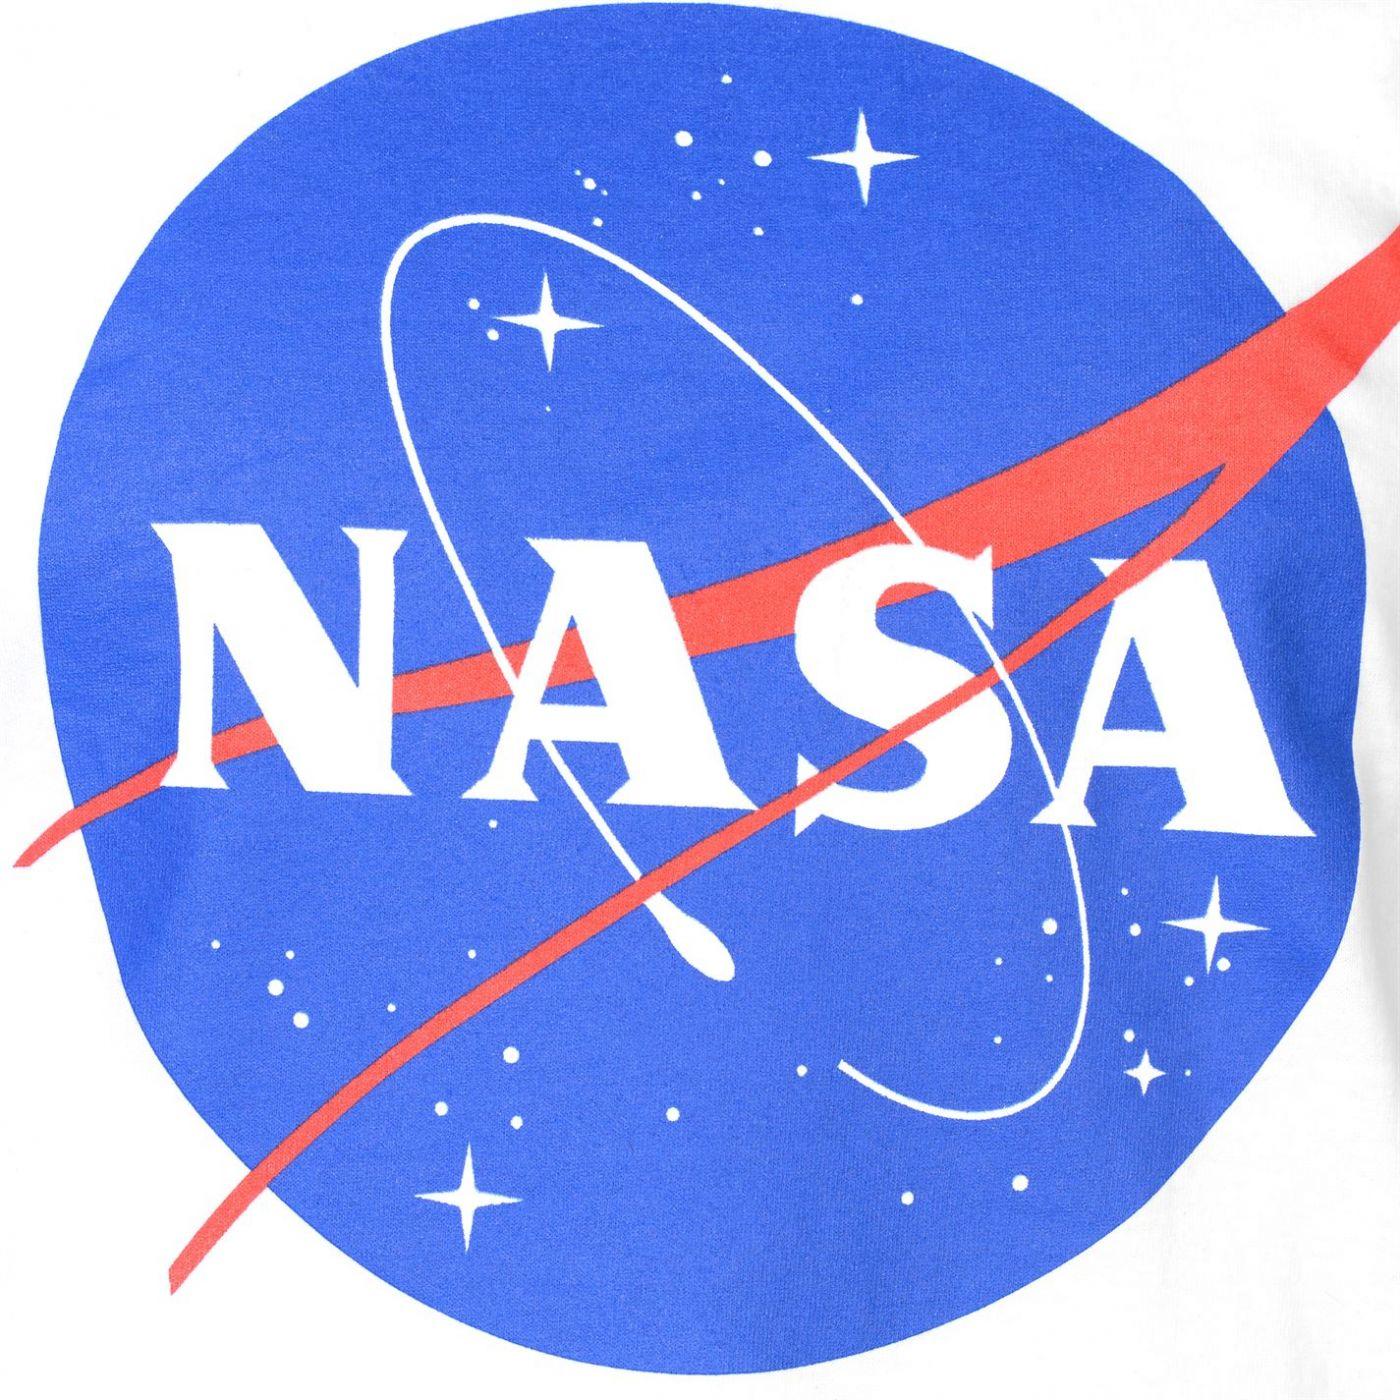 official nasa logo - HD1200×1200